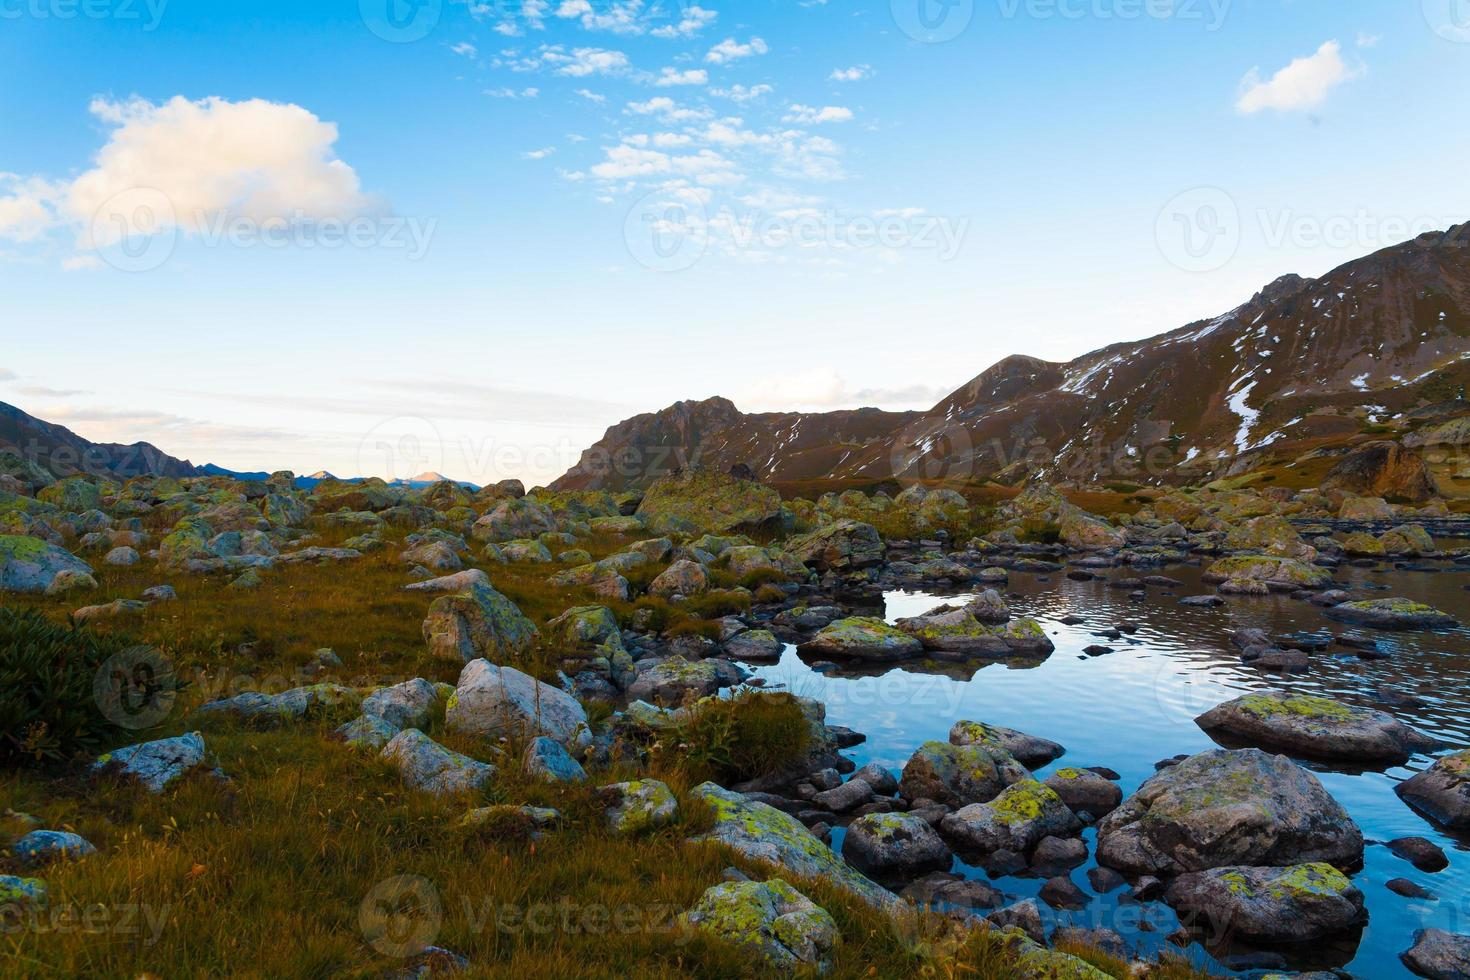 lago puesta de sol otoño foto